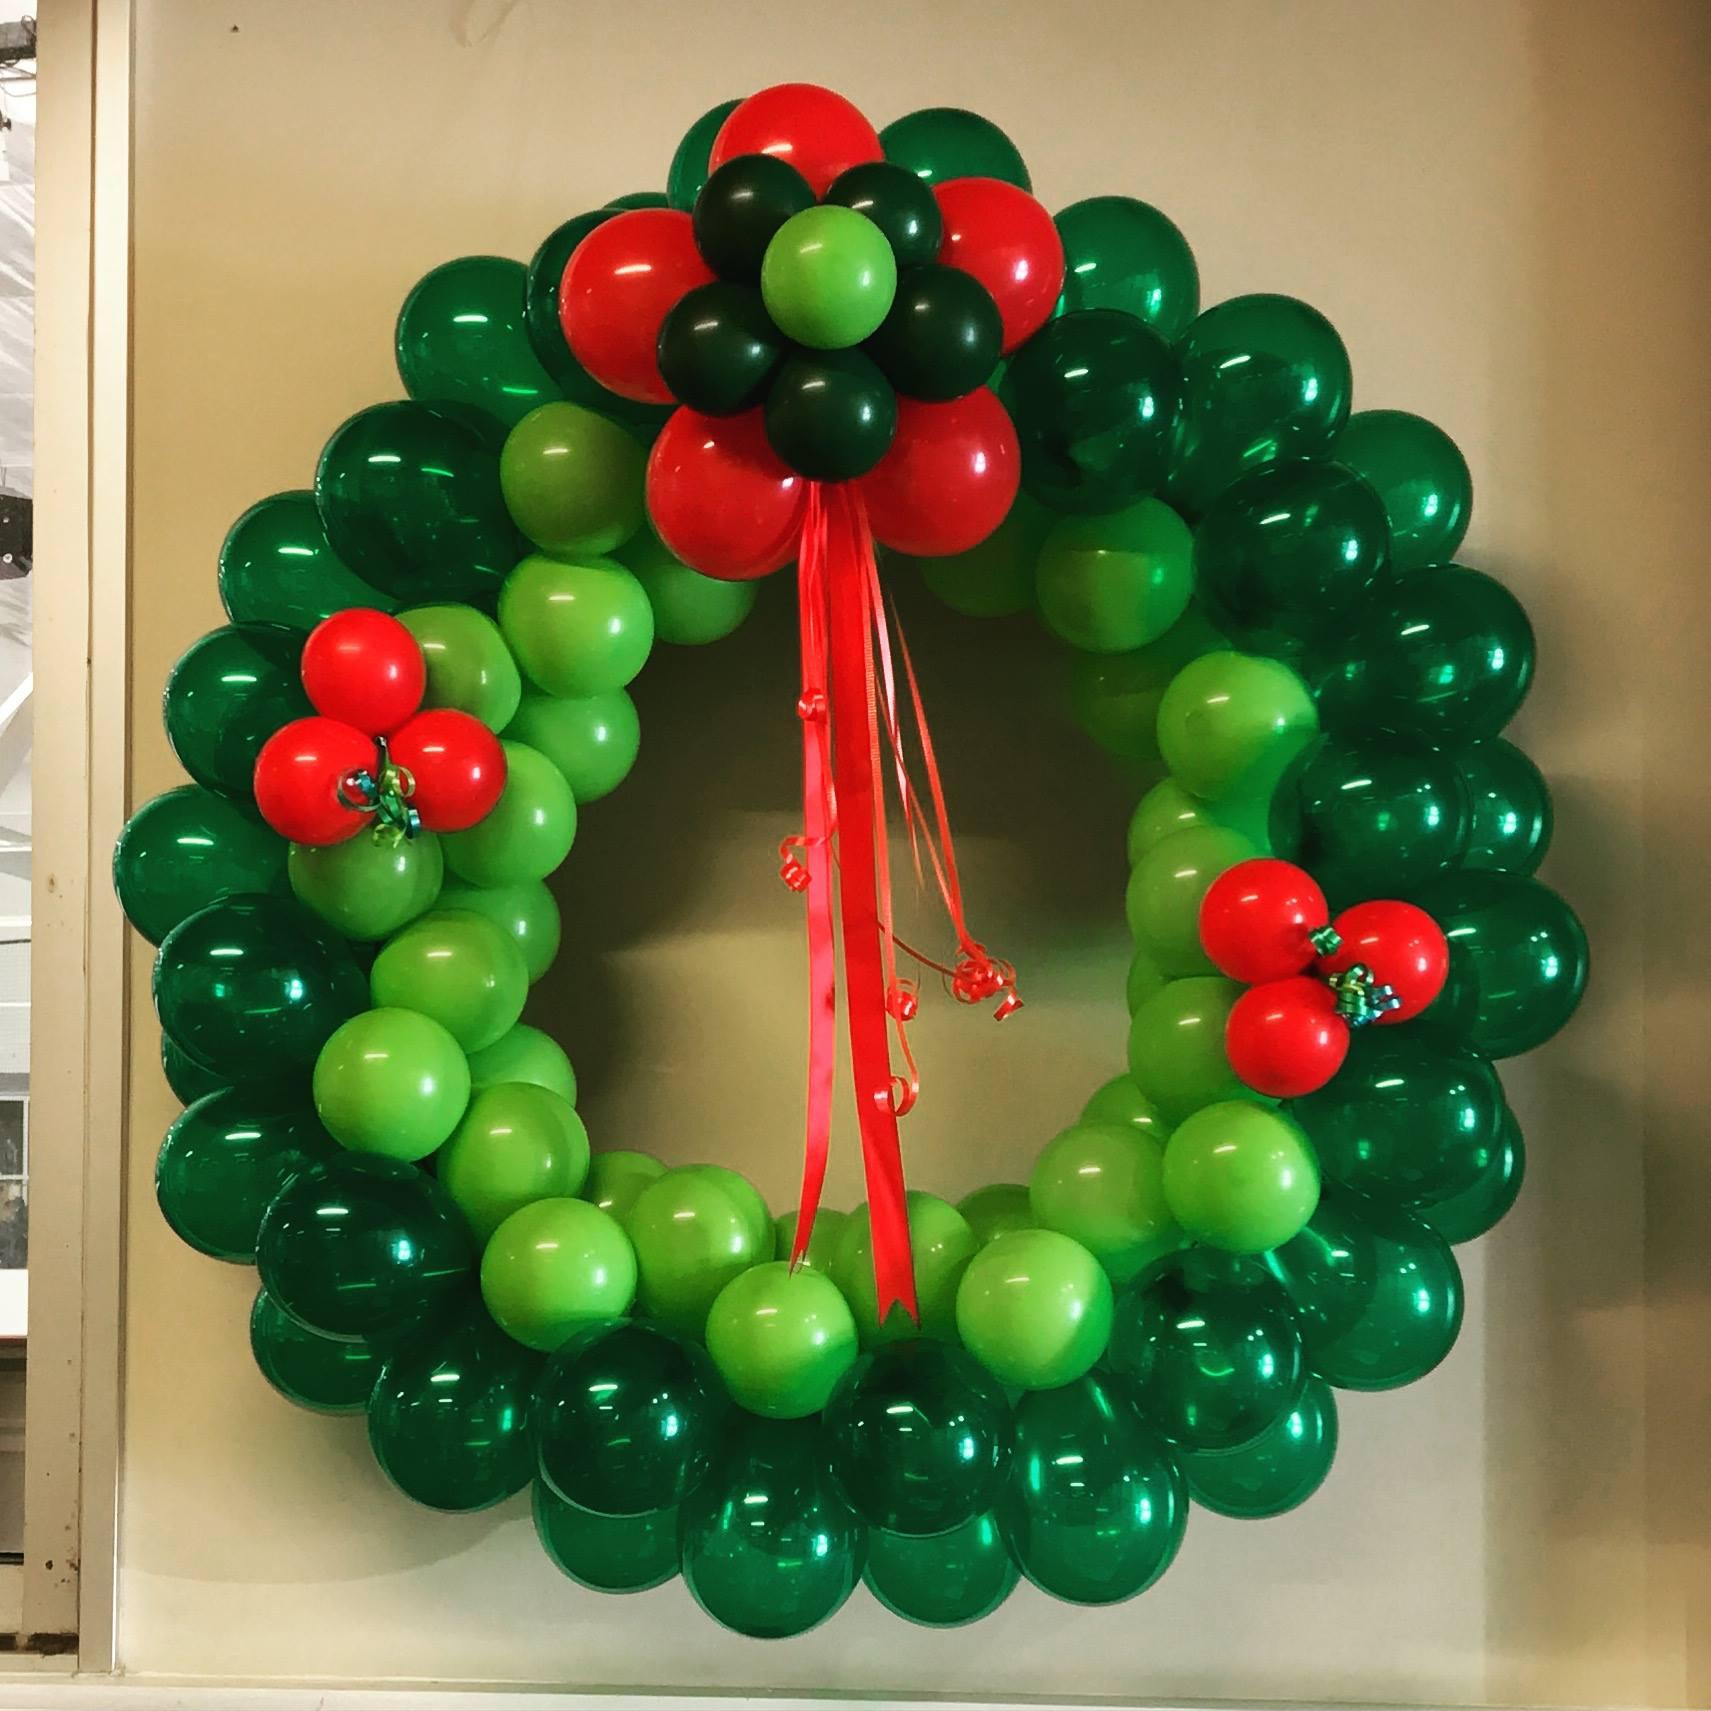 Balloon Christmas Decor